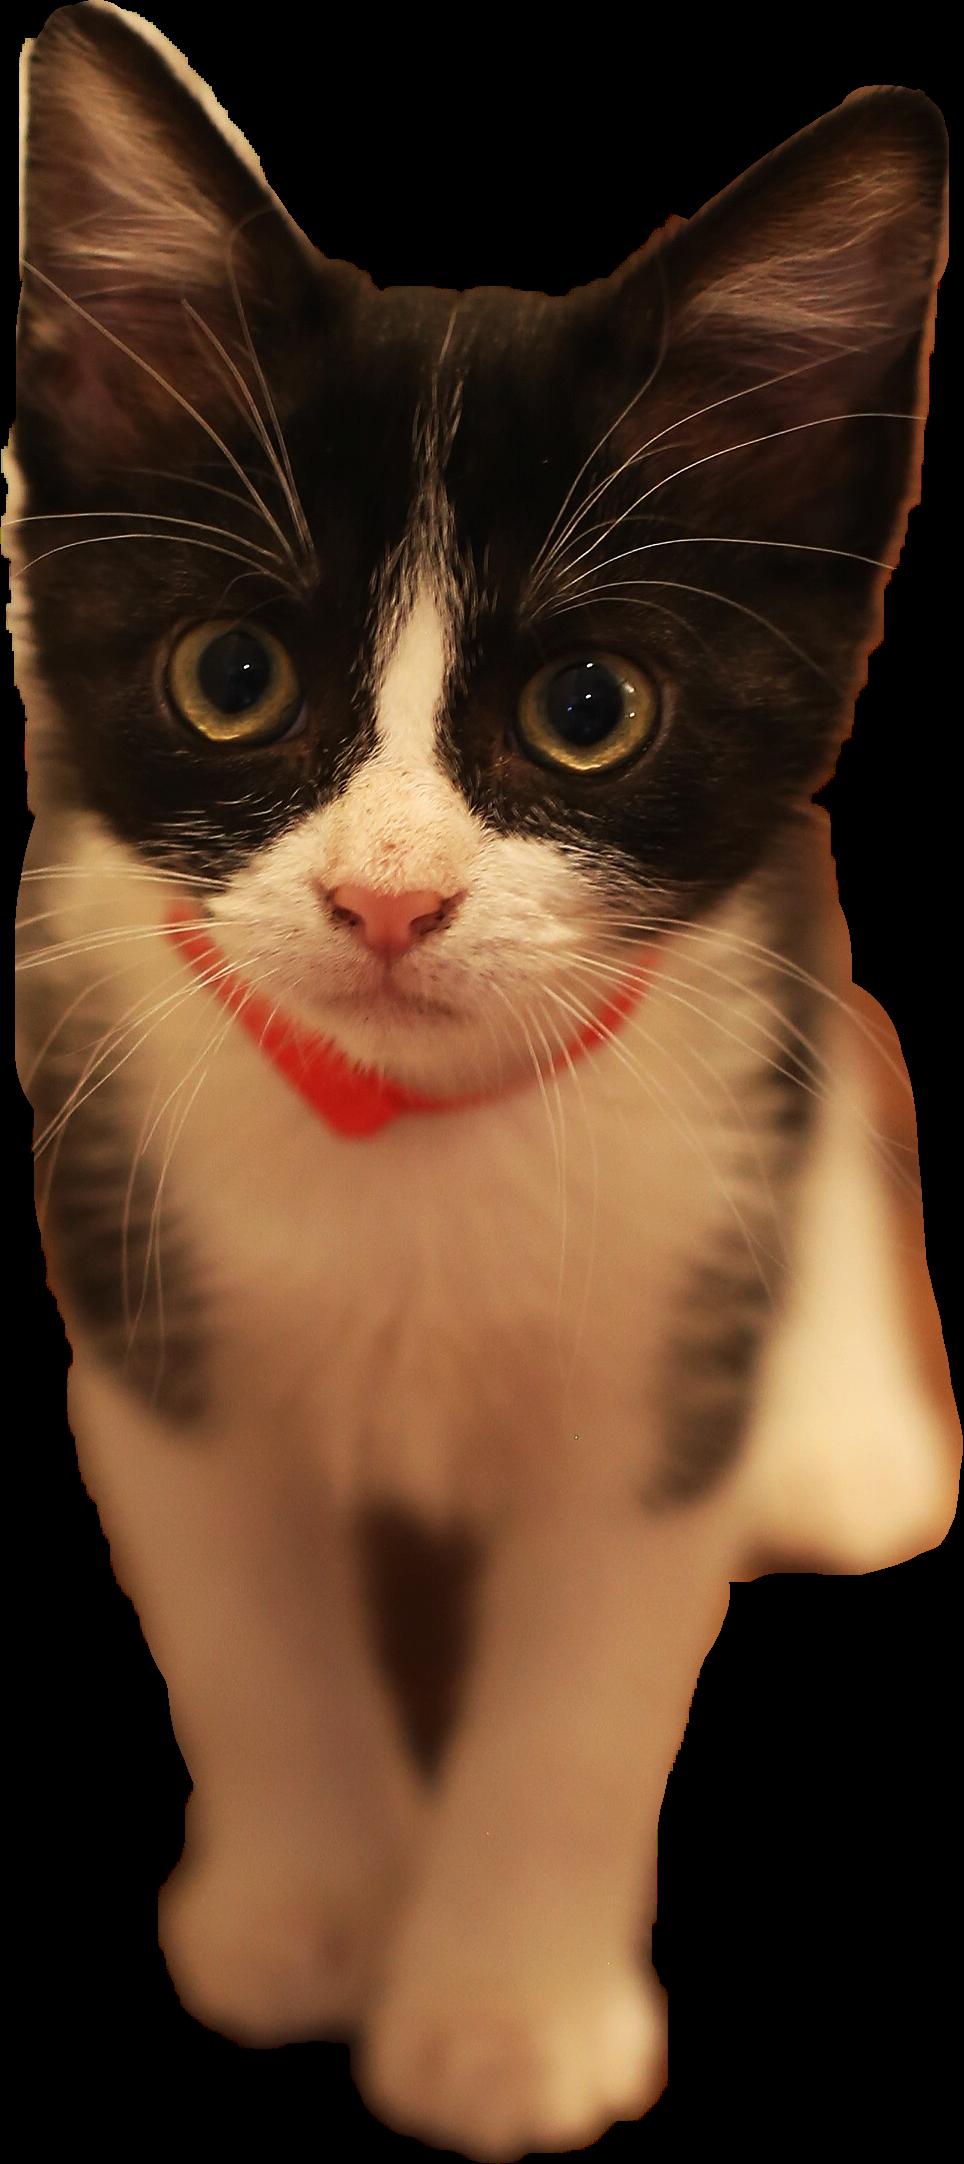 #kitty #cute #animals#freetoedit